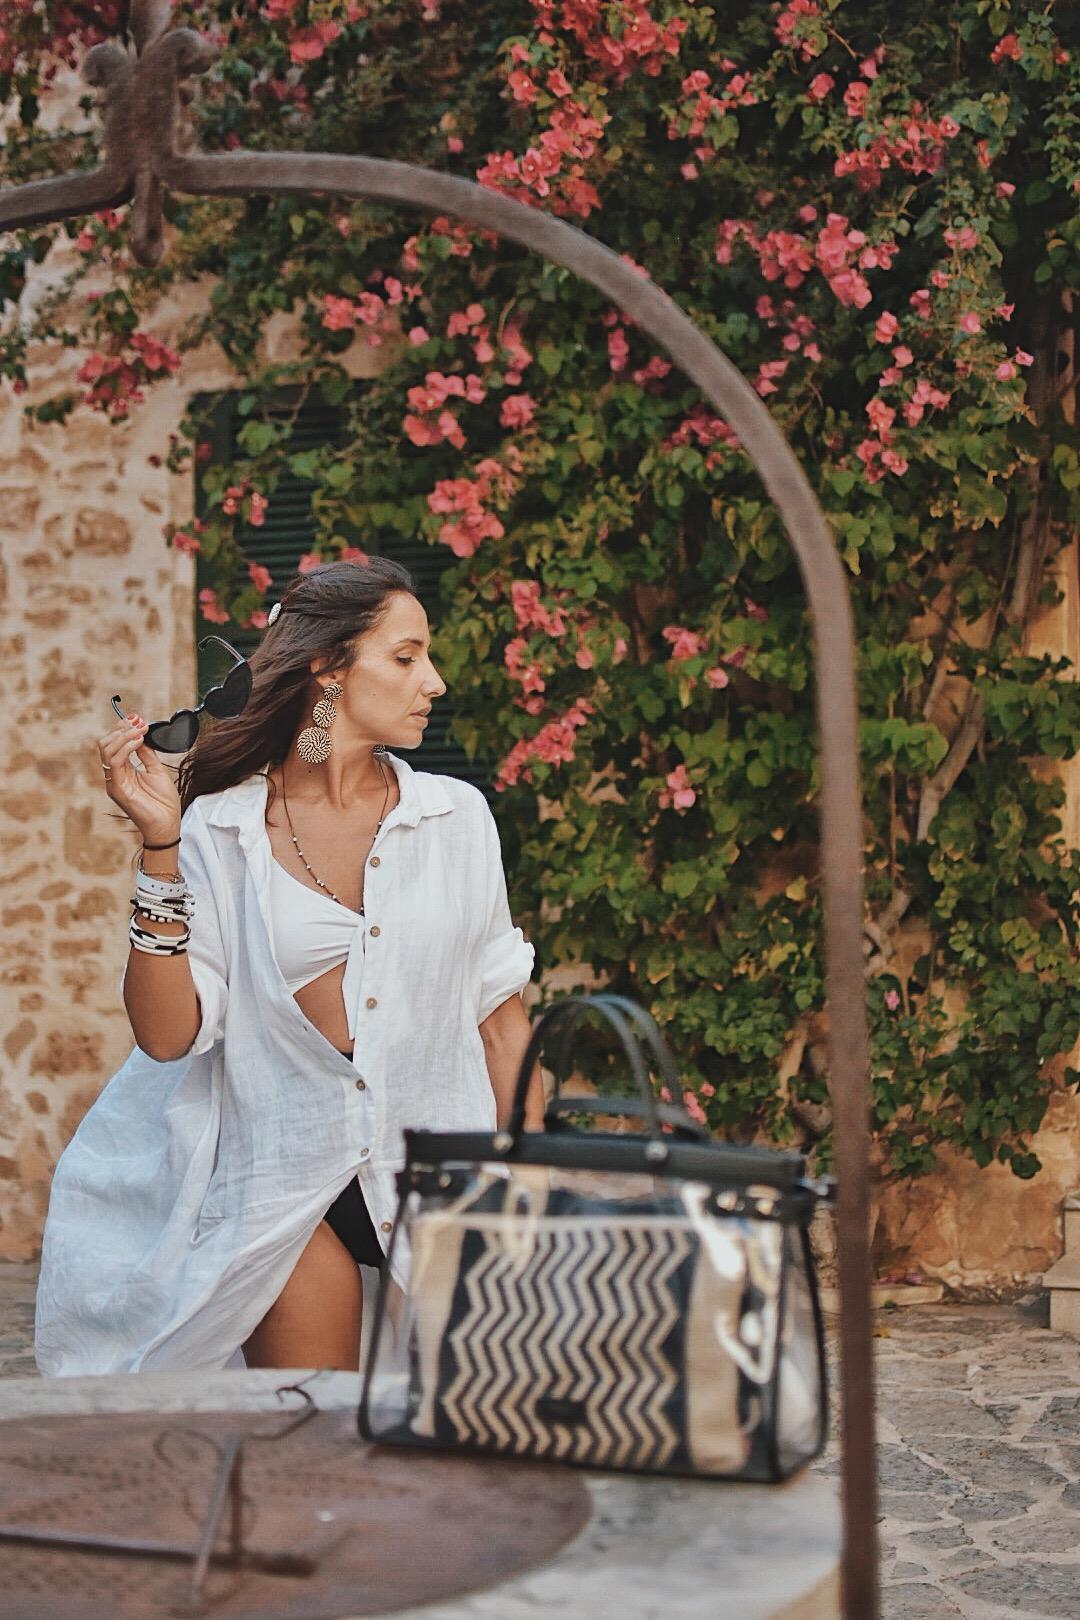 7-el-blog-de-silvia-vestido-blanco-mallorca